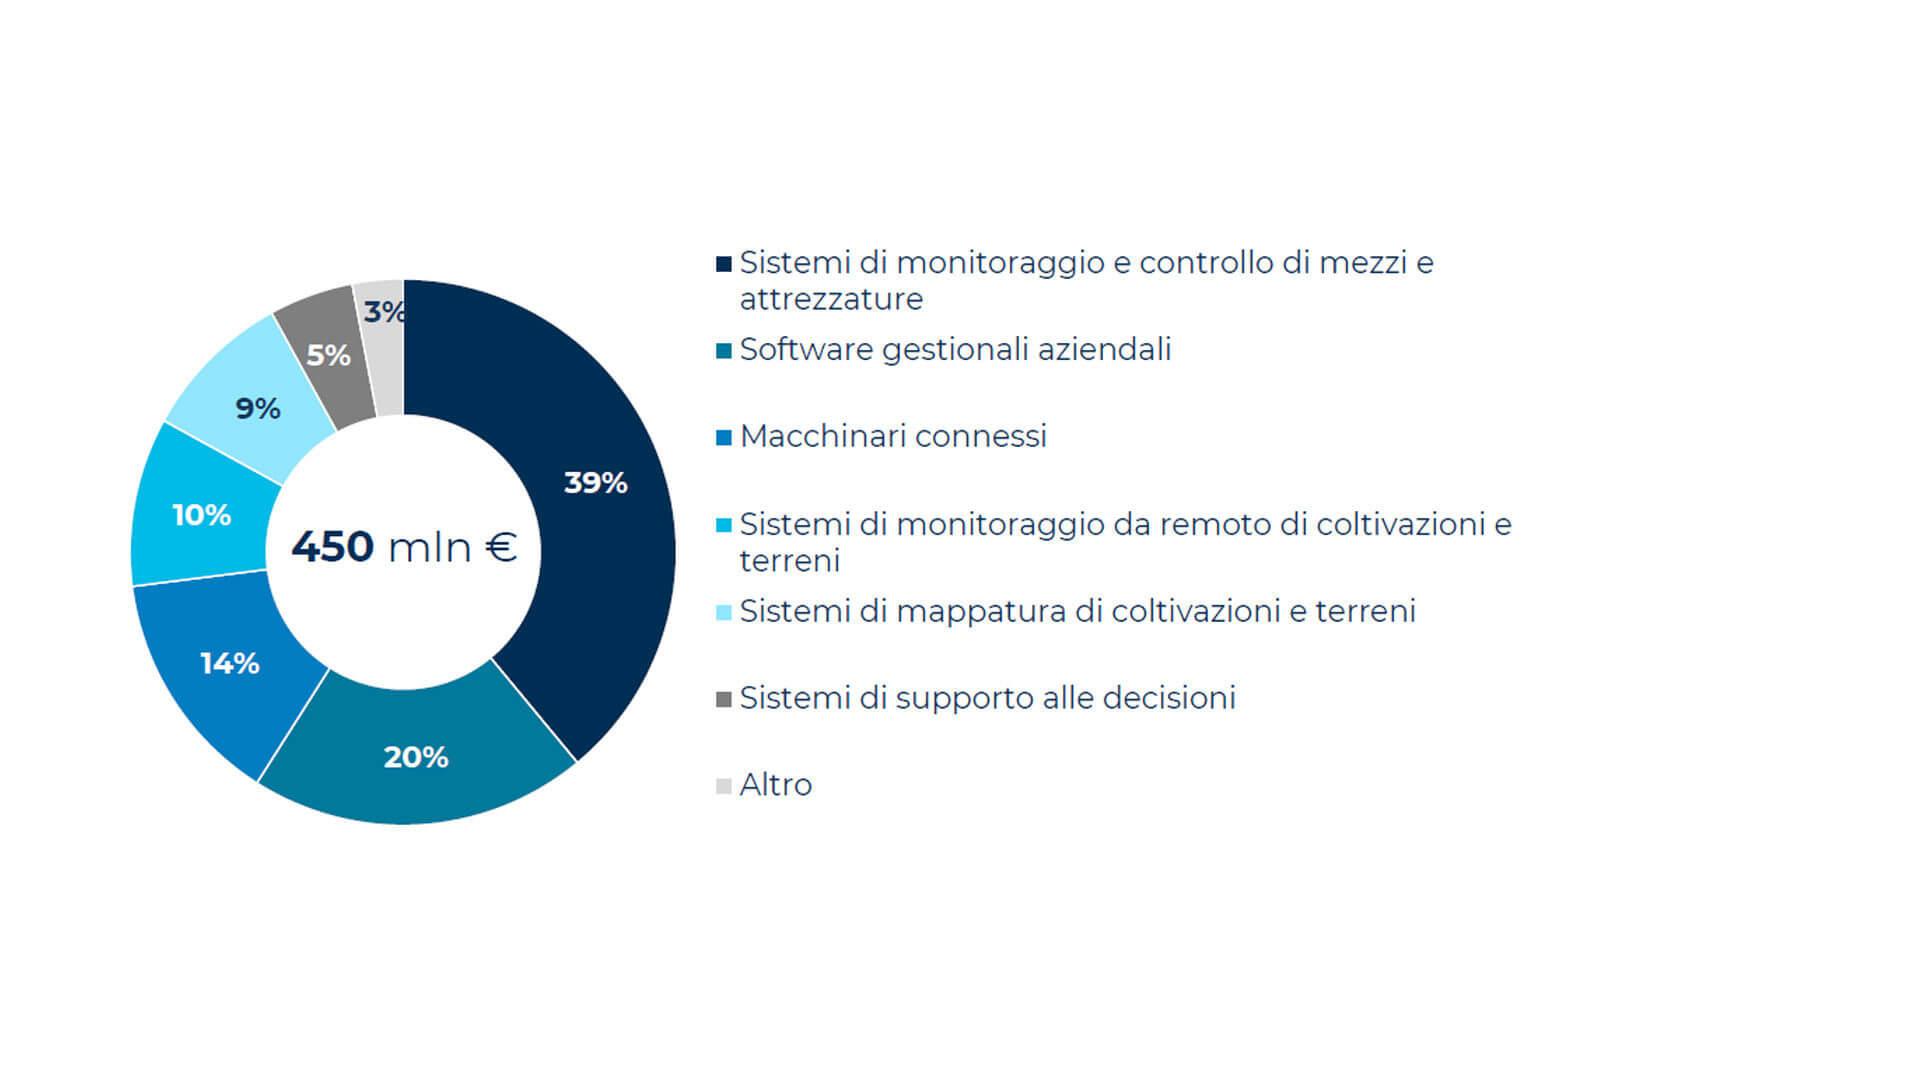 Figura 2 – Incidenza delle soluzioni tecnologiche nel mercato dell'Agricoltura 4.0. Fonte: Osservatorio Smart Agrifood del Politenico di Milano